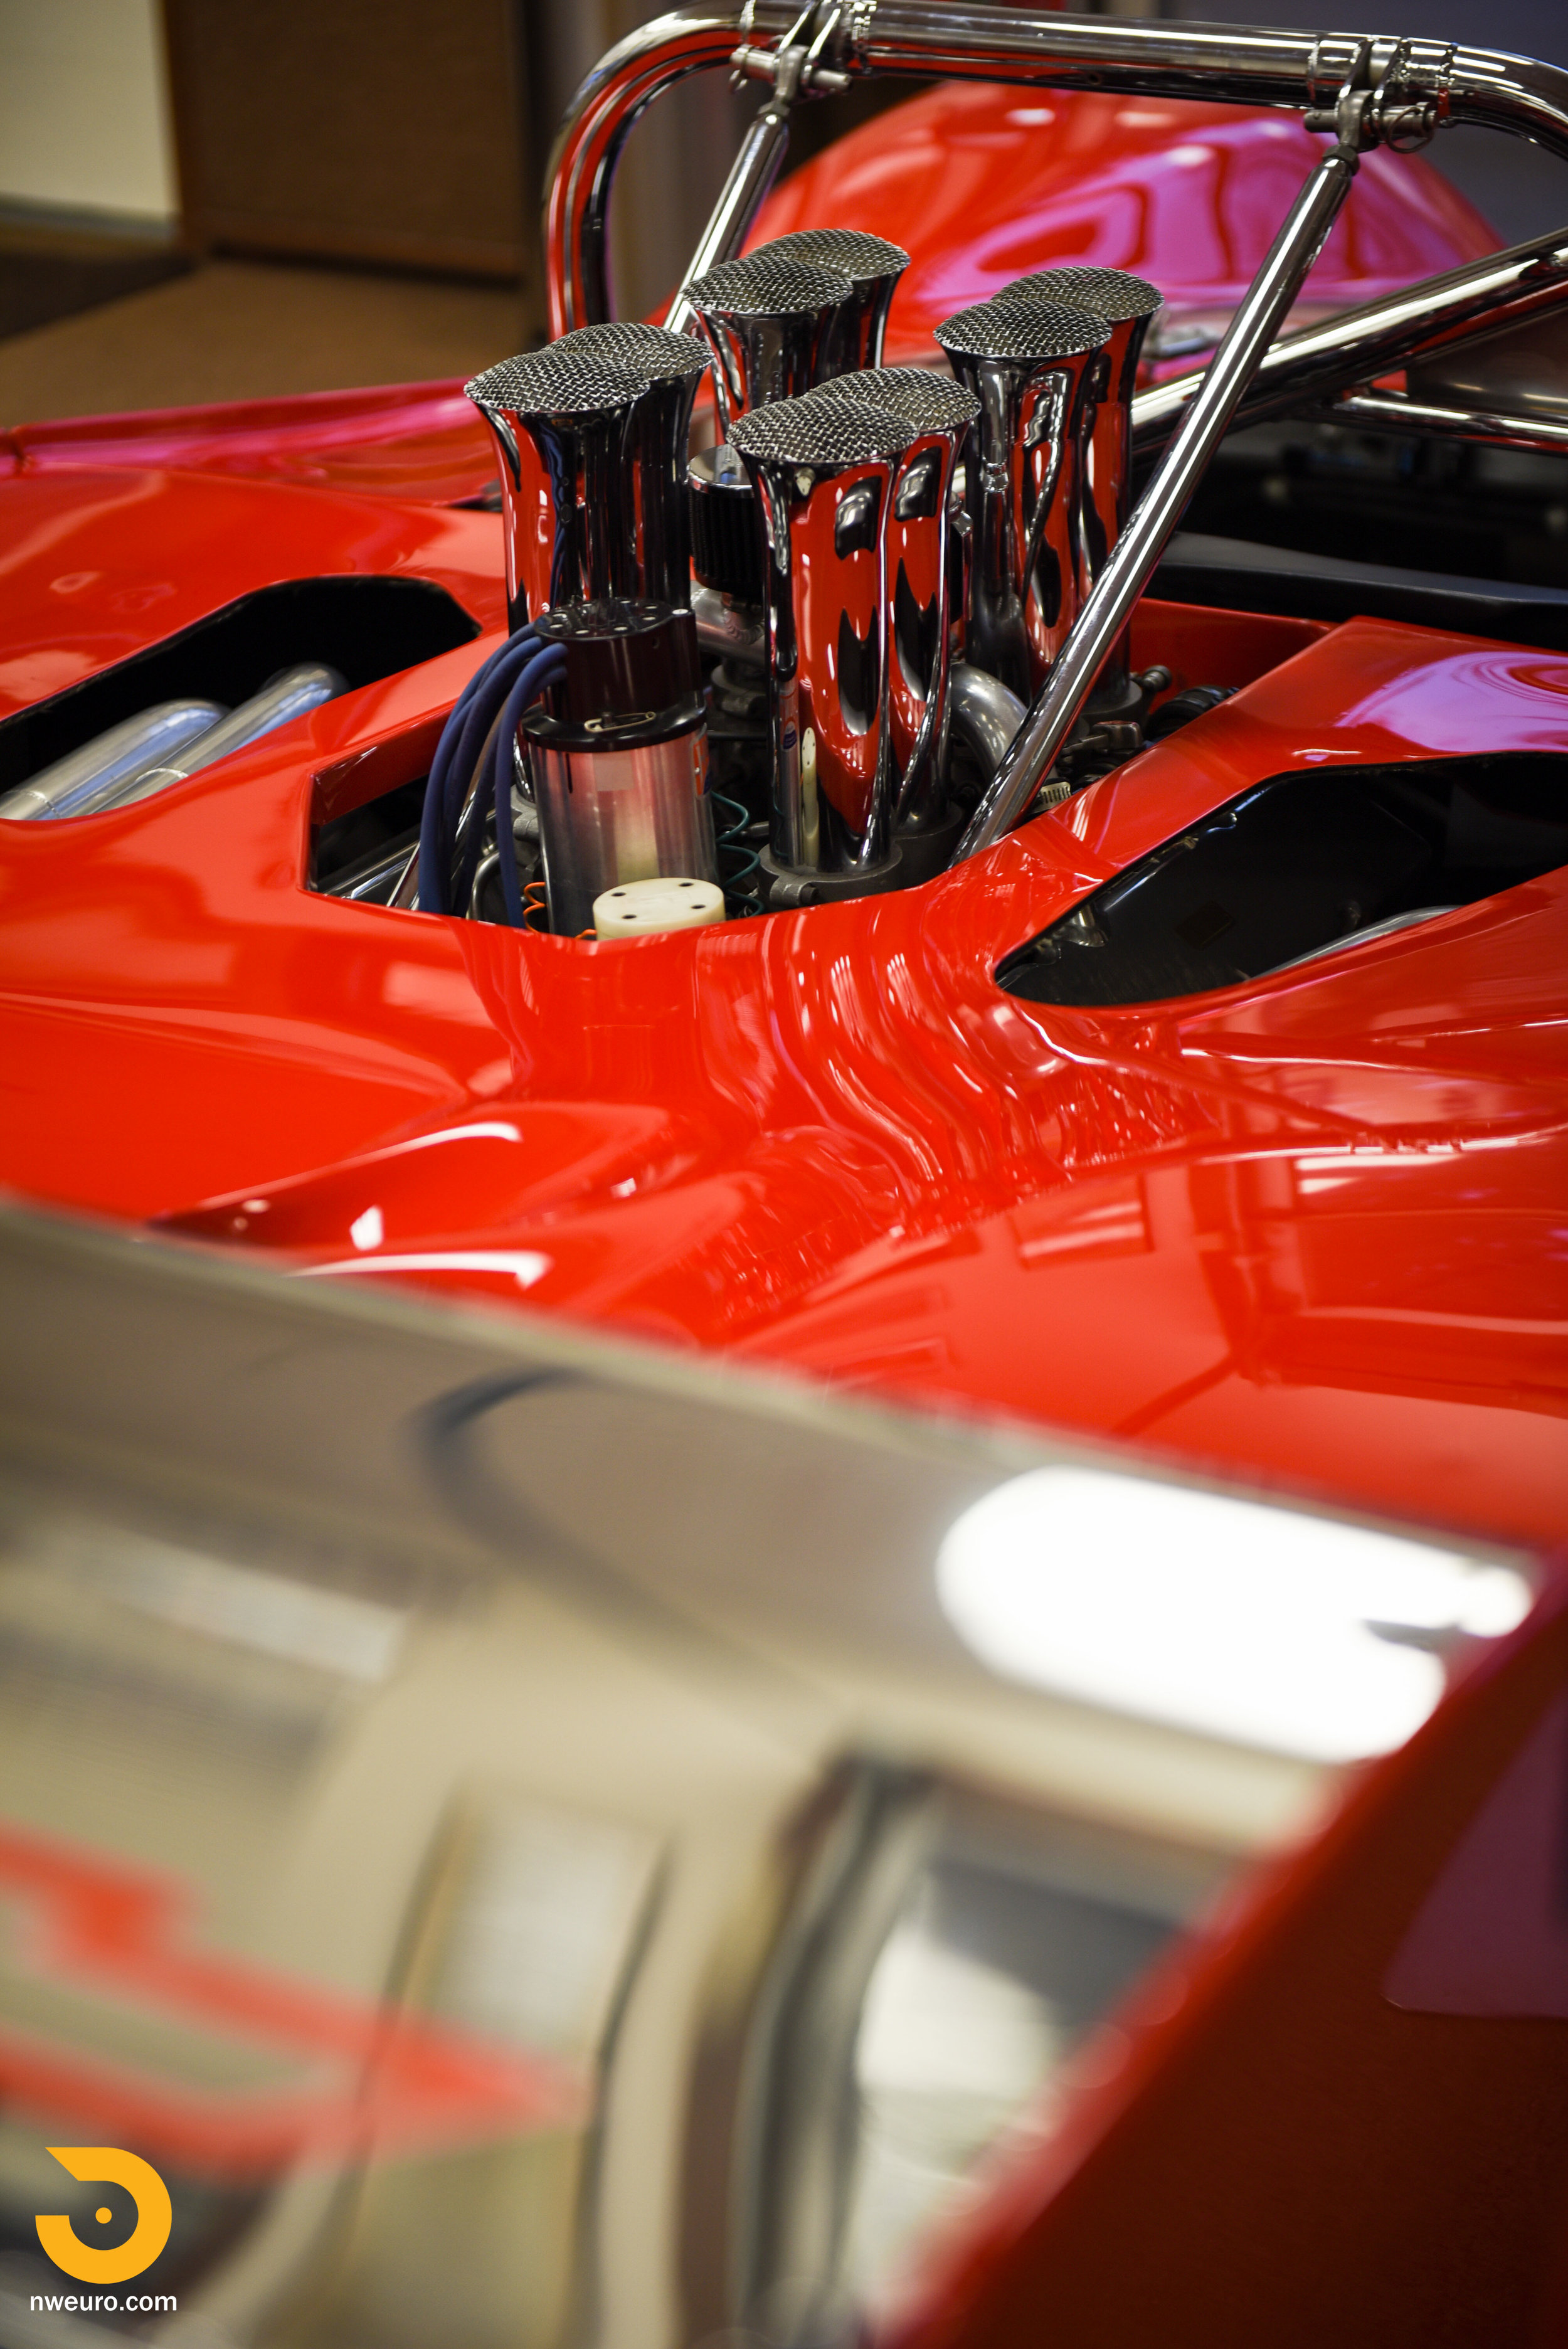 1969 Lola T162 Can-Am Race Car-42.jpg